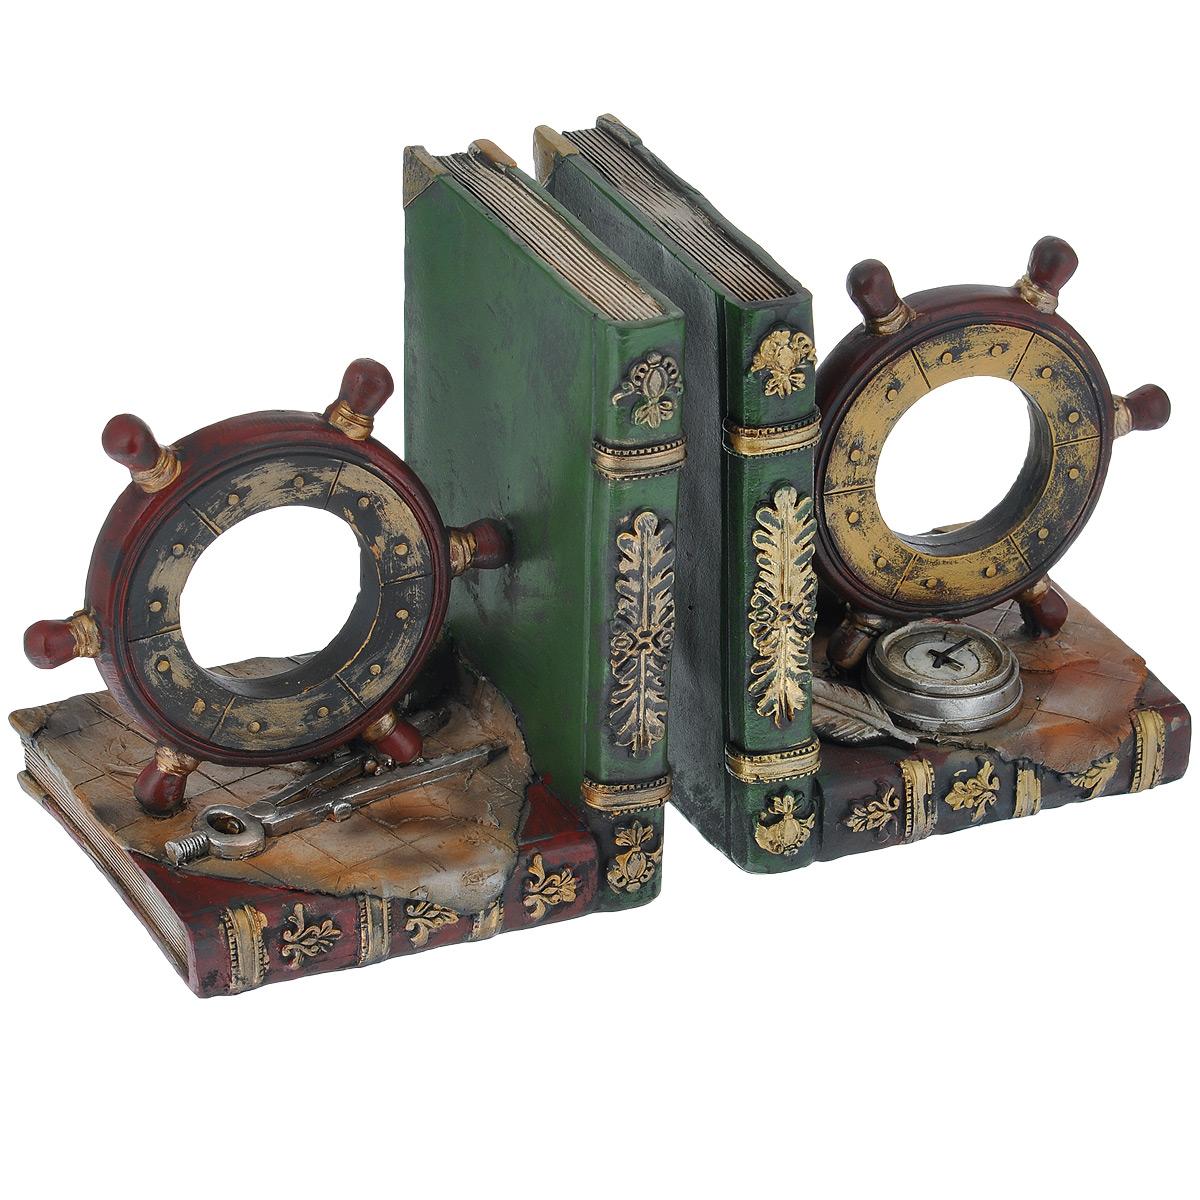 Декоративная подставка-ограничитель для книг Феникс-презент Штурвал, 2 шт36126Подставка-ограничитель для книг Штурвал, изготовленная из полирезины, состоит из двух частей, с помощью которых можно подпирать книги с двух сторон. Изделия выполнены в виде штурвалов с книгами. Между ограничителями можно поместить неограниченное количество книг. Подставка-ограничитель для книг Штурвал - это не только подставка для книг, но и интересный элемент декора, который ярко дополнит интерьер помещения. Размер одной части подставки-ограничителя: 13 см х 11 см х 15,5 см.Комплектация: 2 шт.